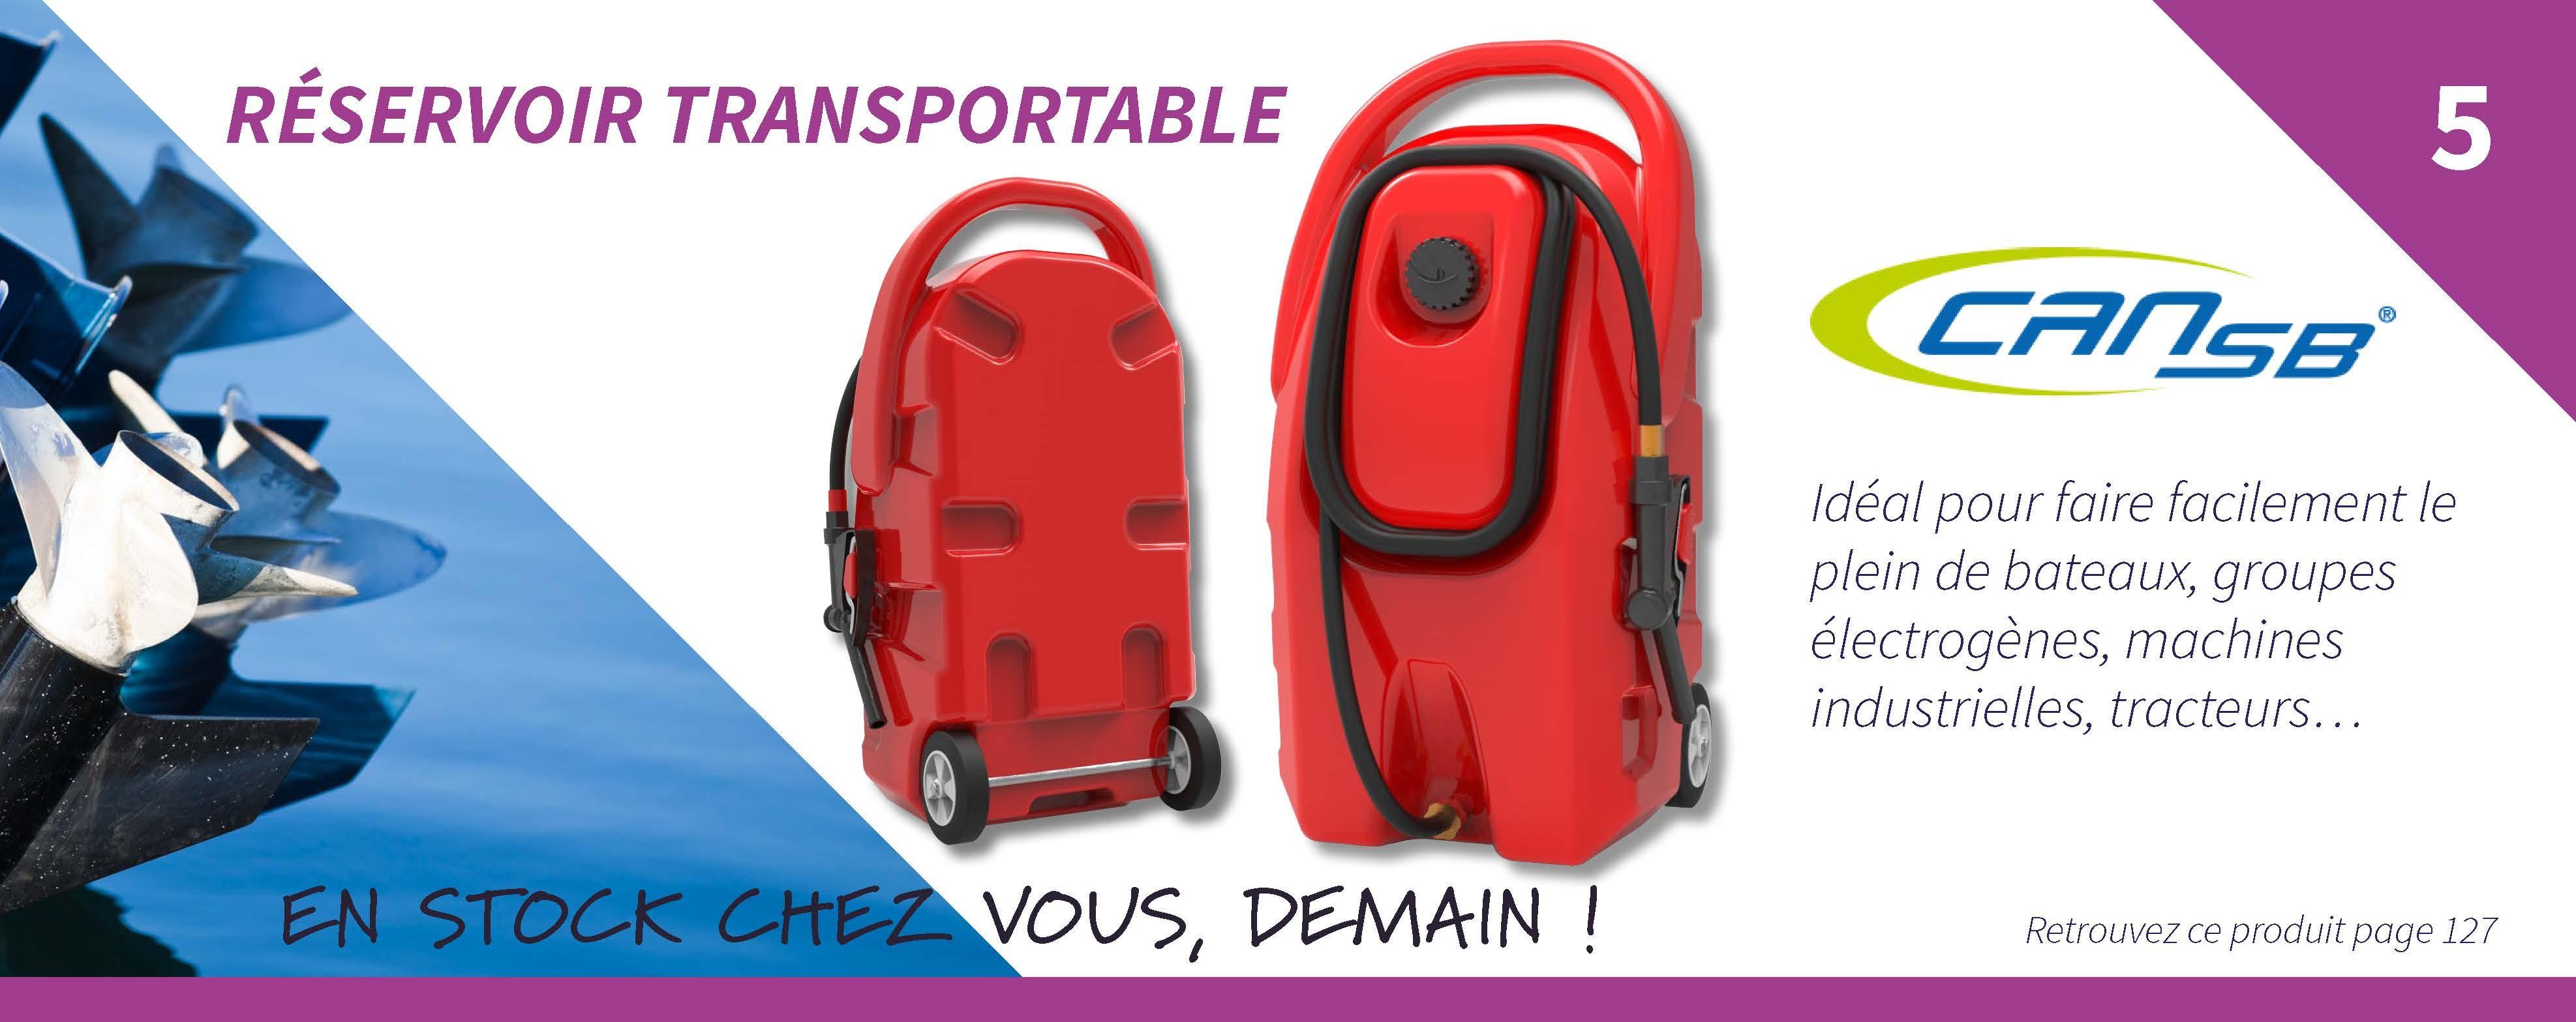 Réservoir transportable